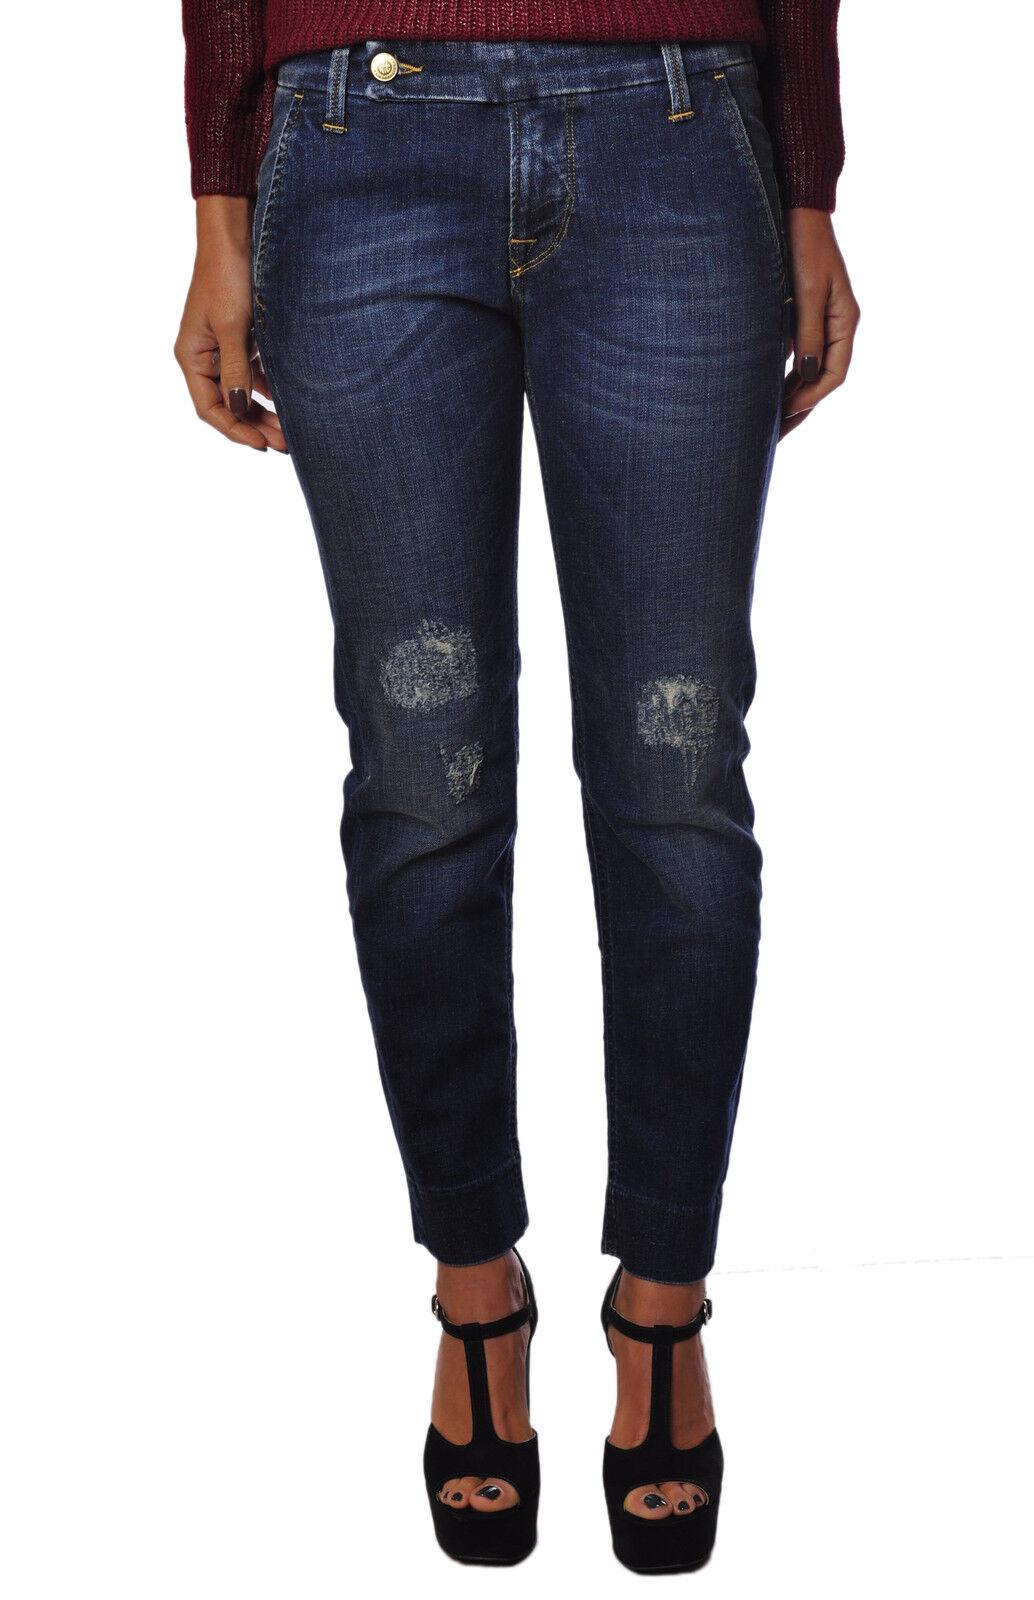 Truenyc  -  Pants - female - 230426A184614